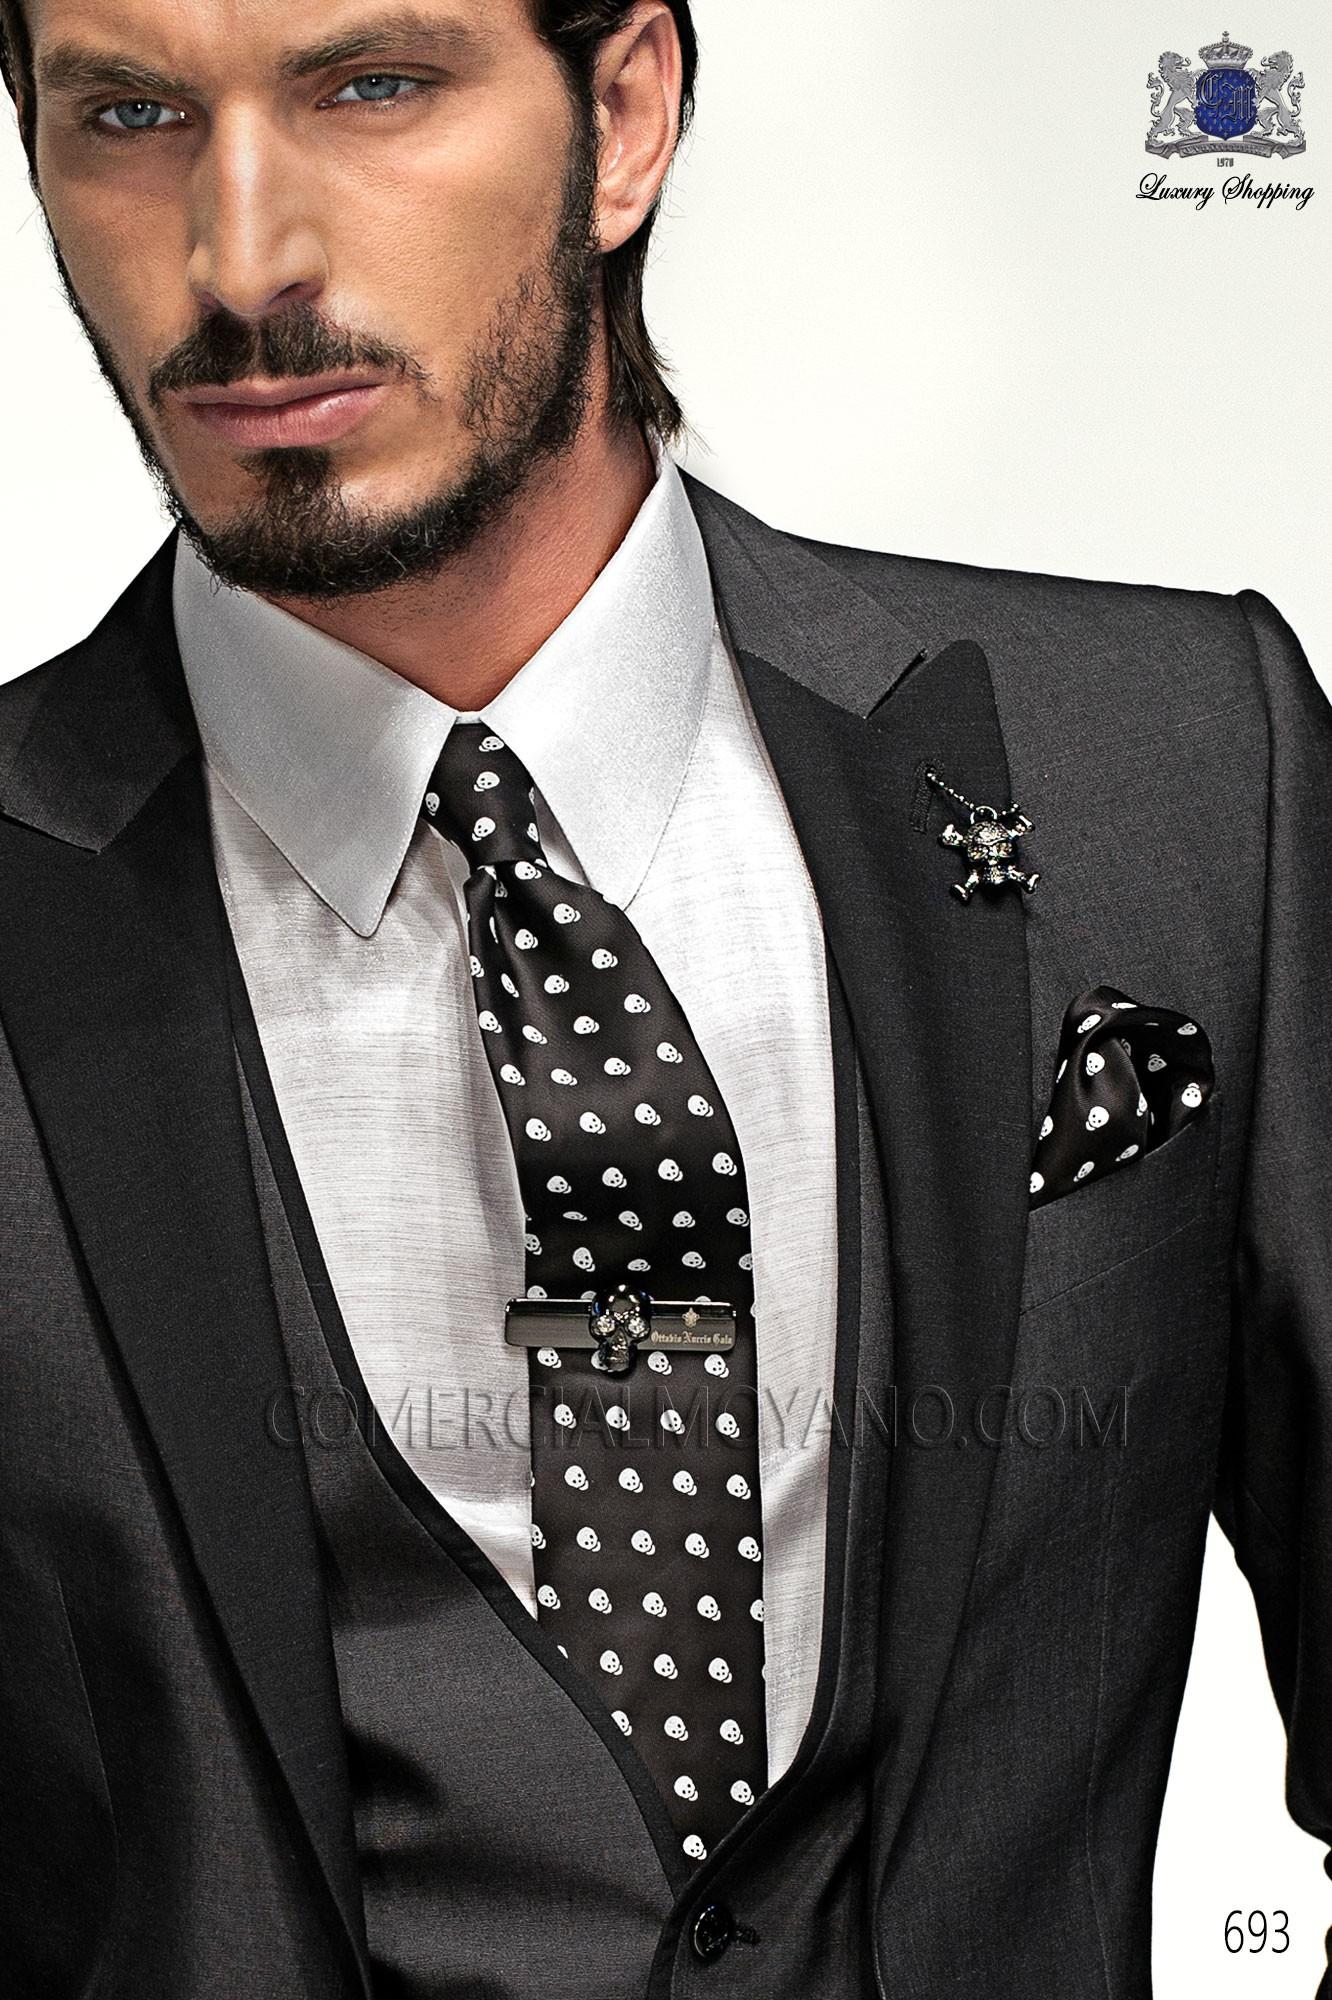 Corbata con pauelo a juego de calaveras blanco y negro